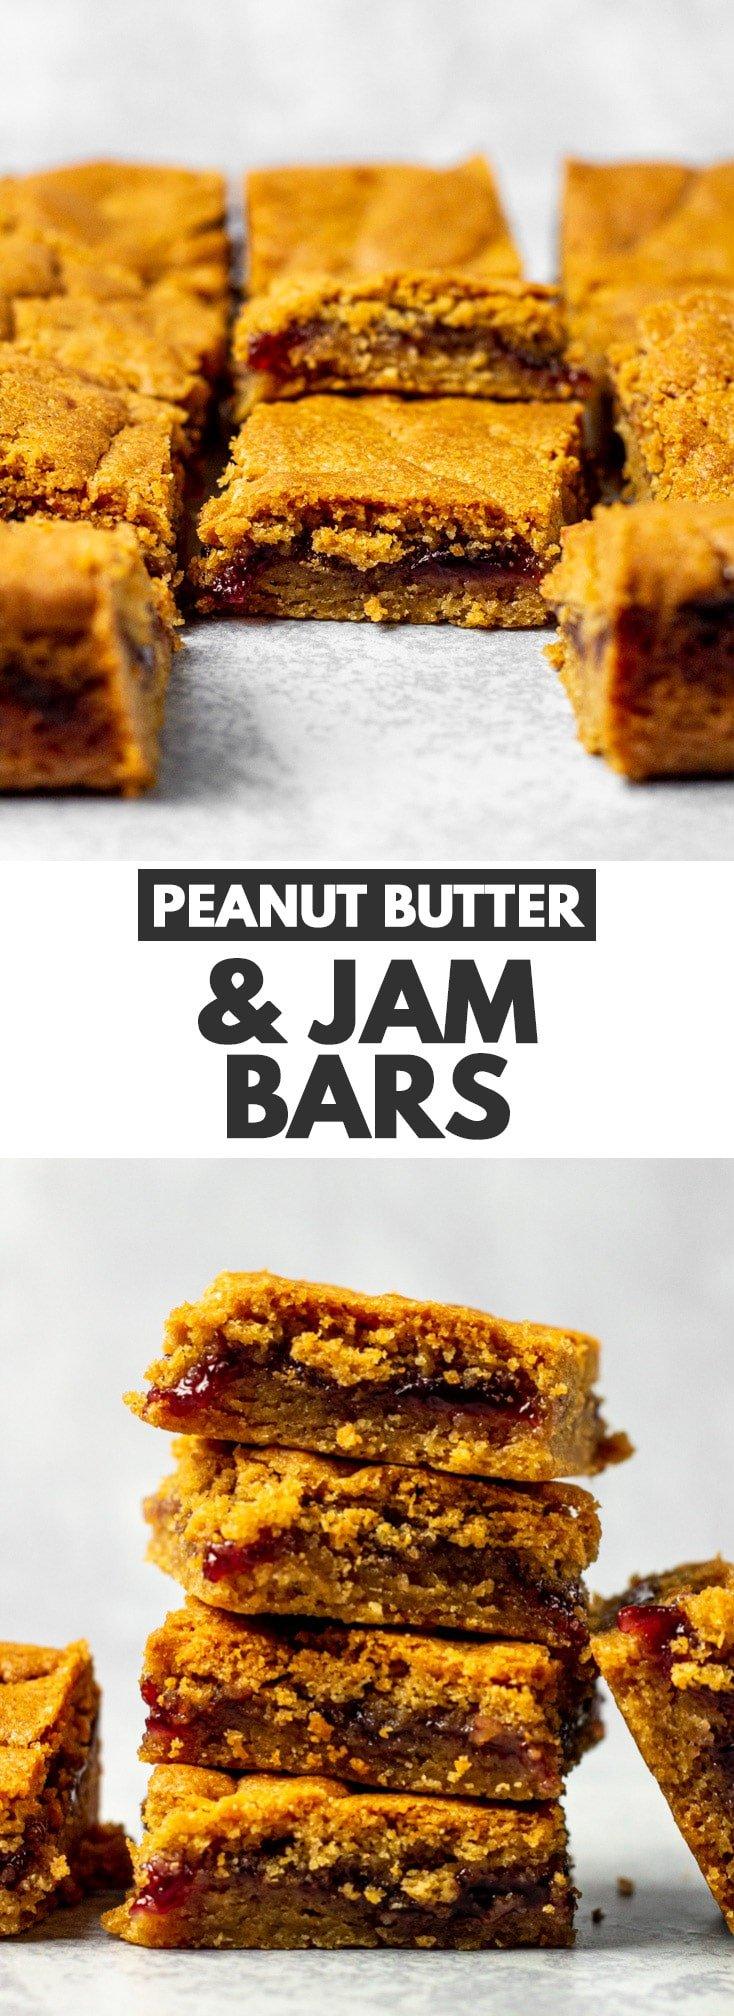 Peanut Butter & Jam Bars